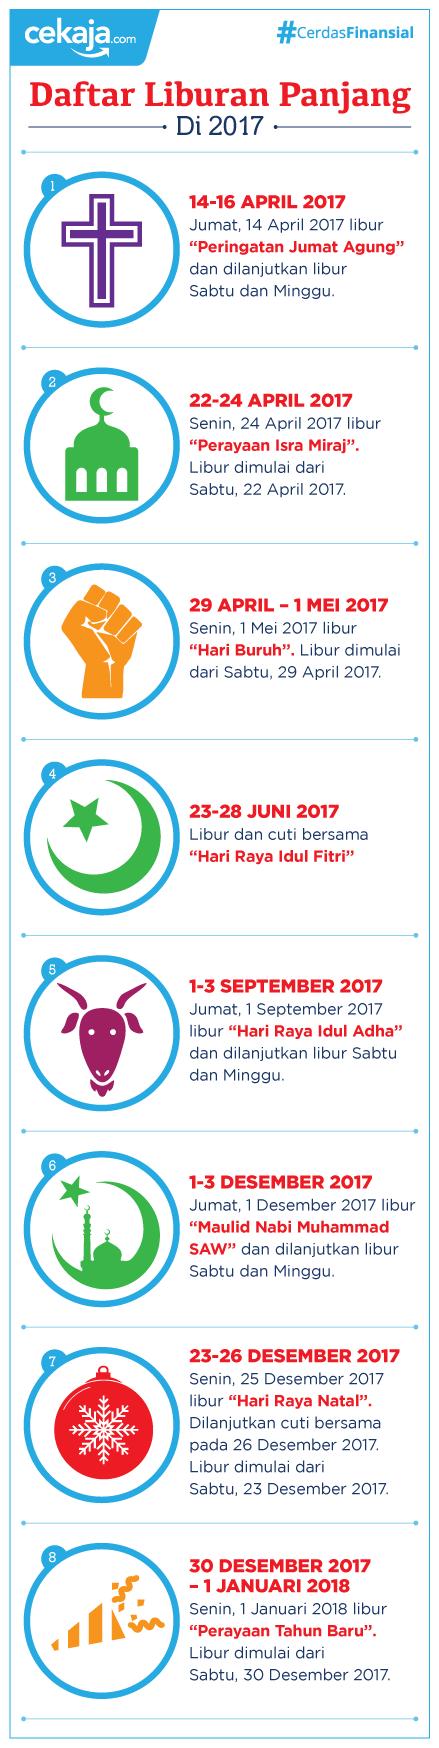 infografis-hari libur tahun 2017 - CekAja.com